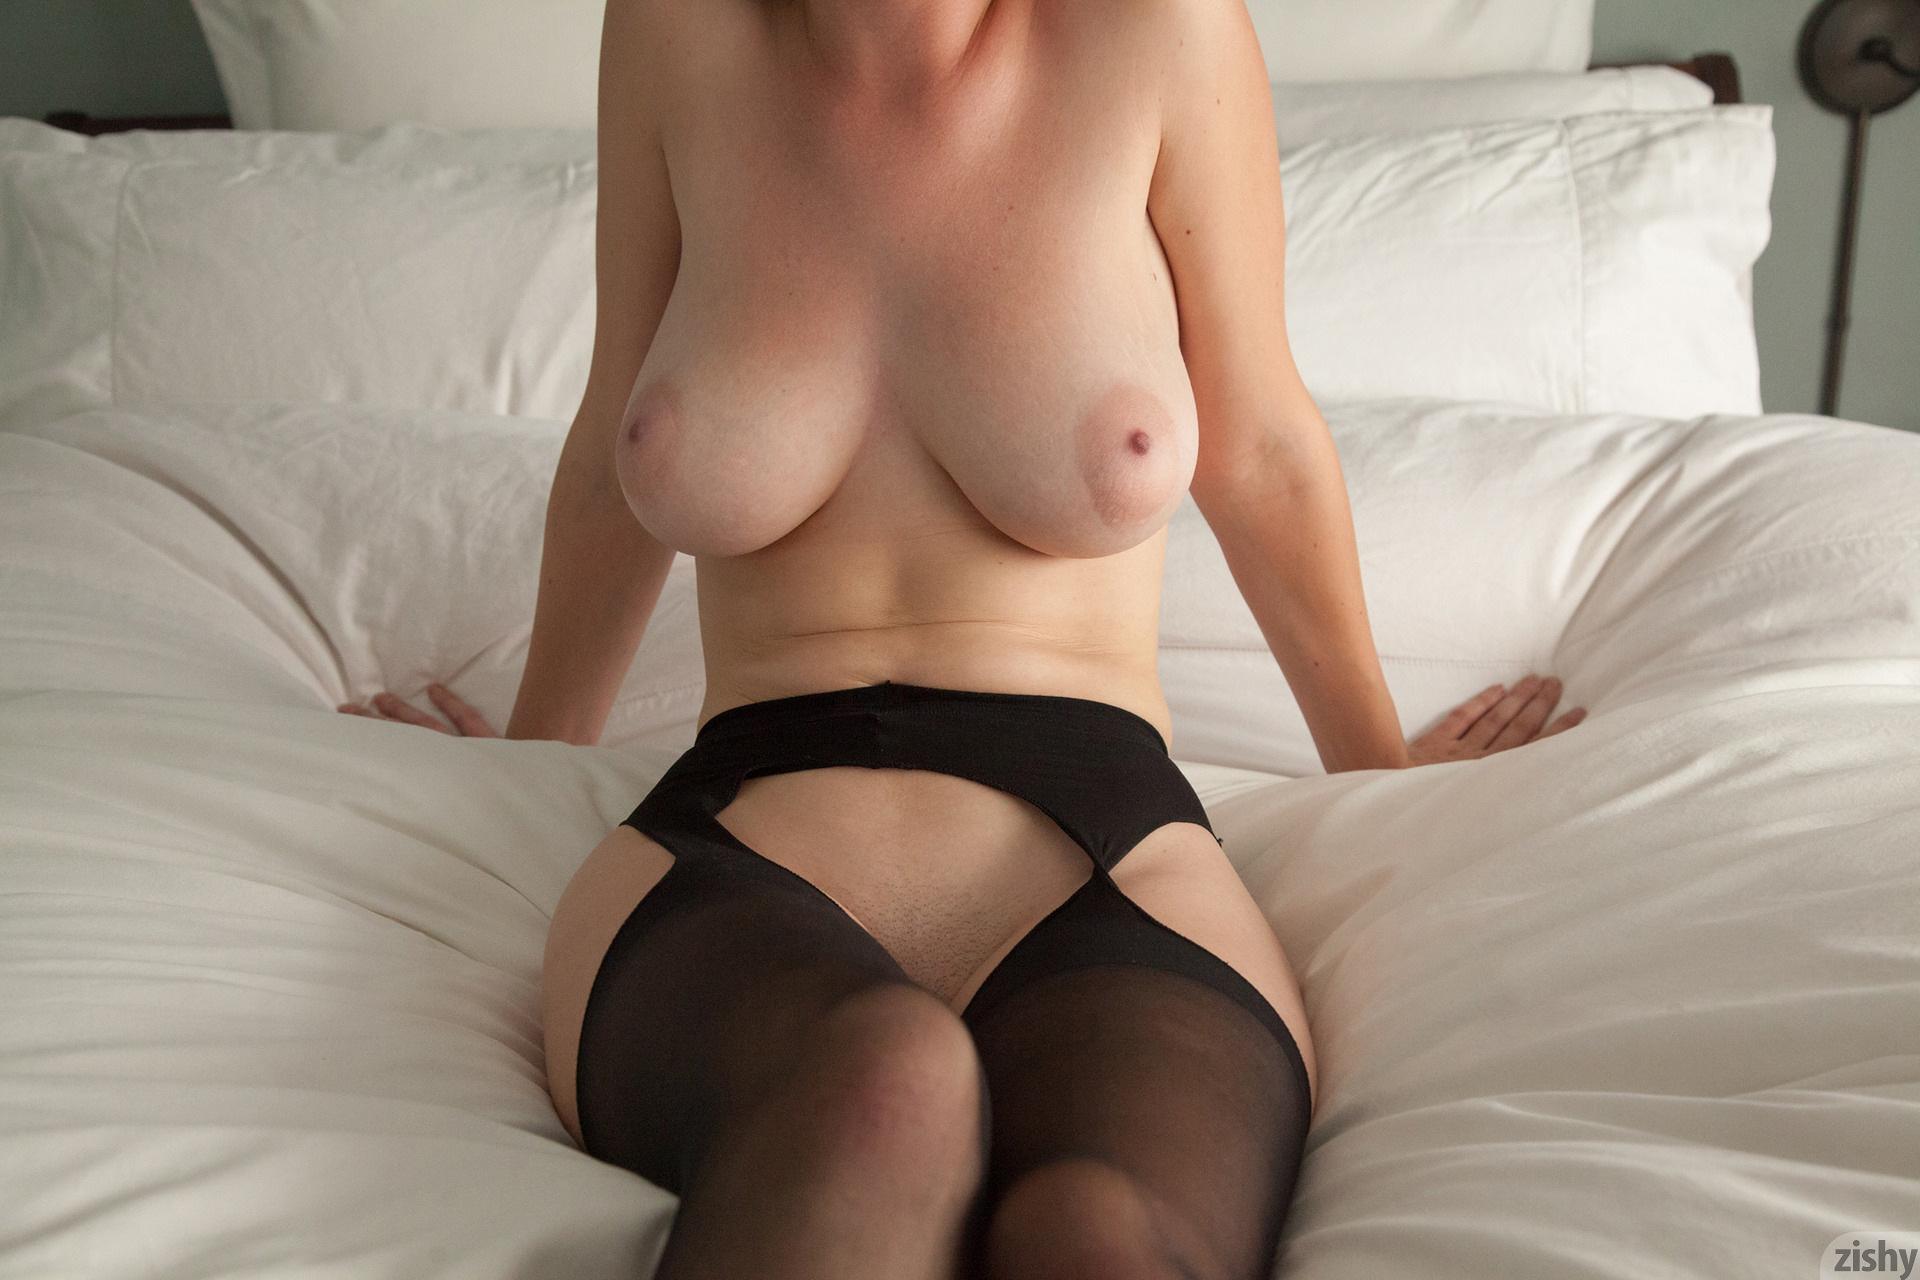 Halladay porn essie Essie Halladay